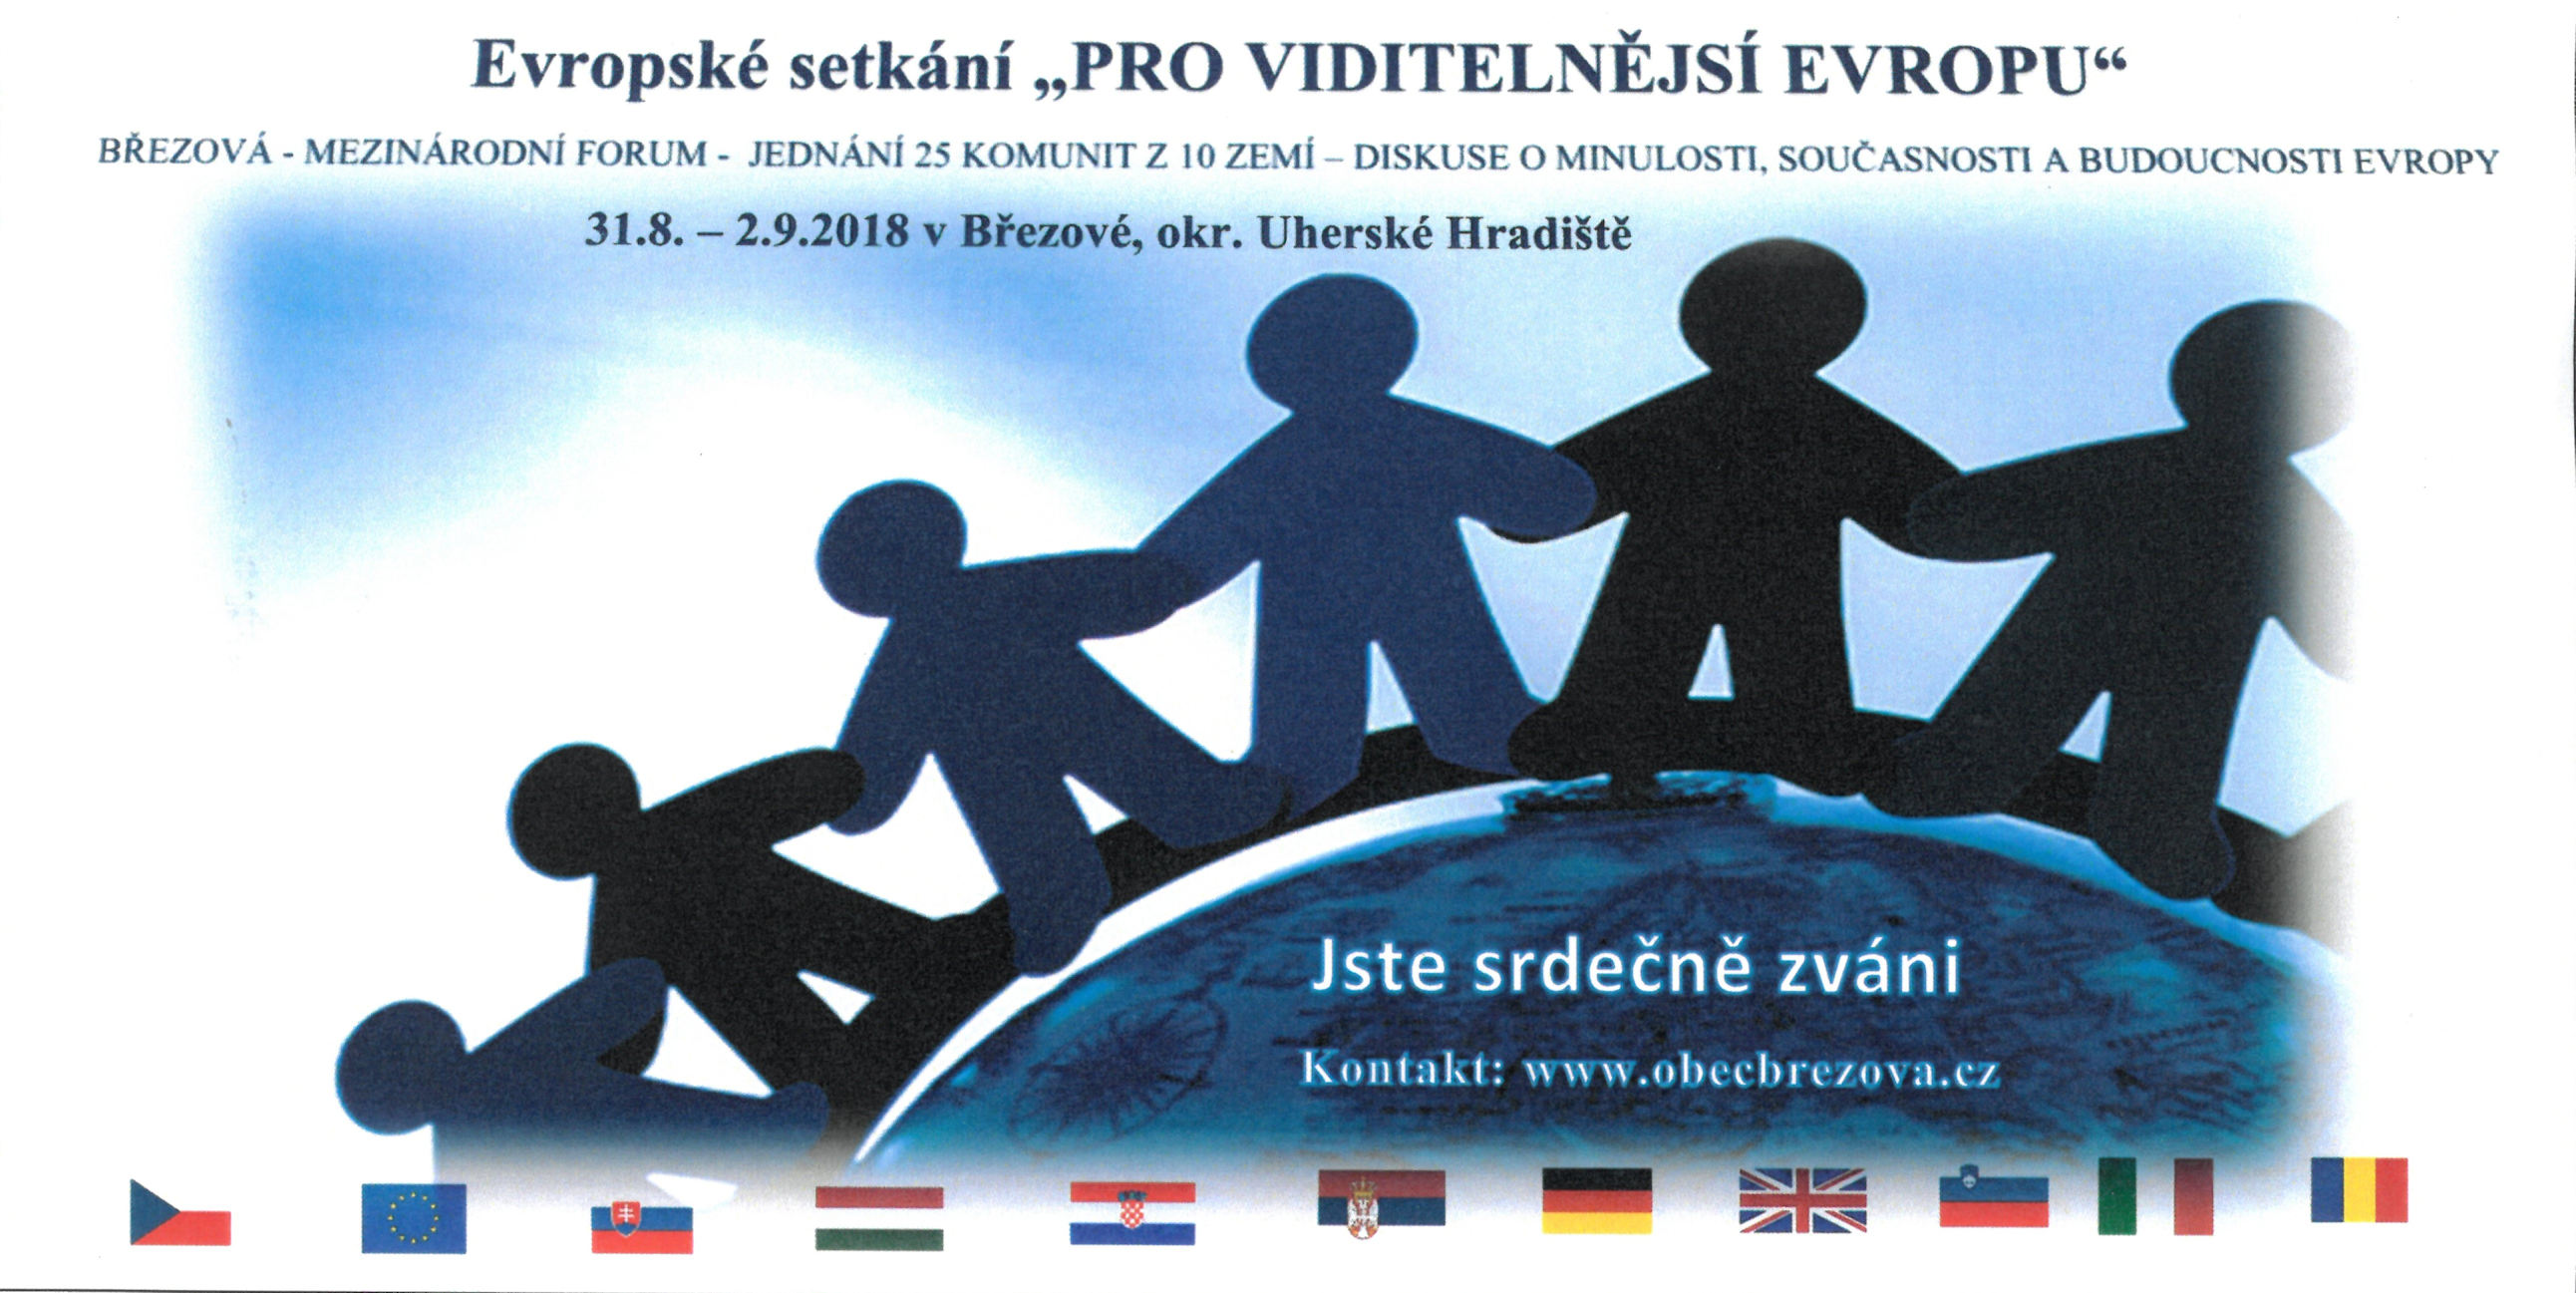 Evropské setkání